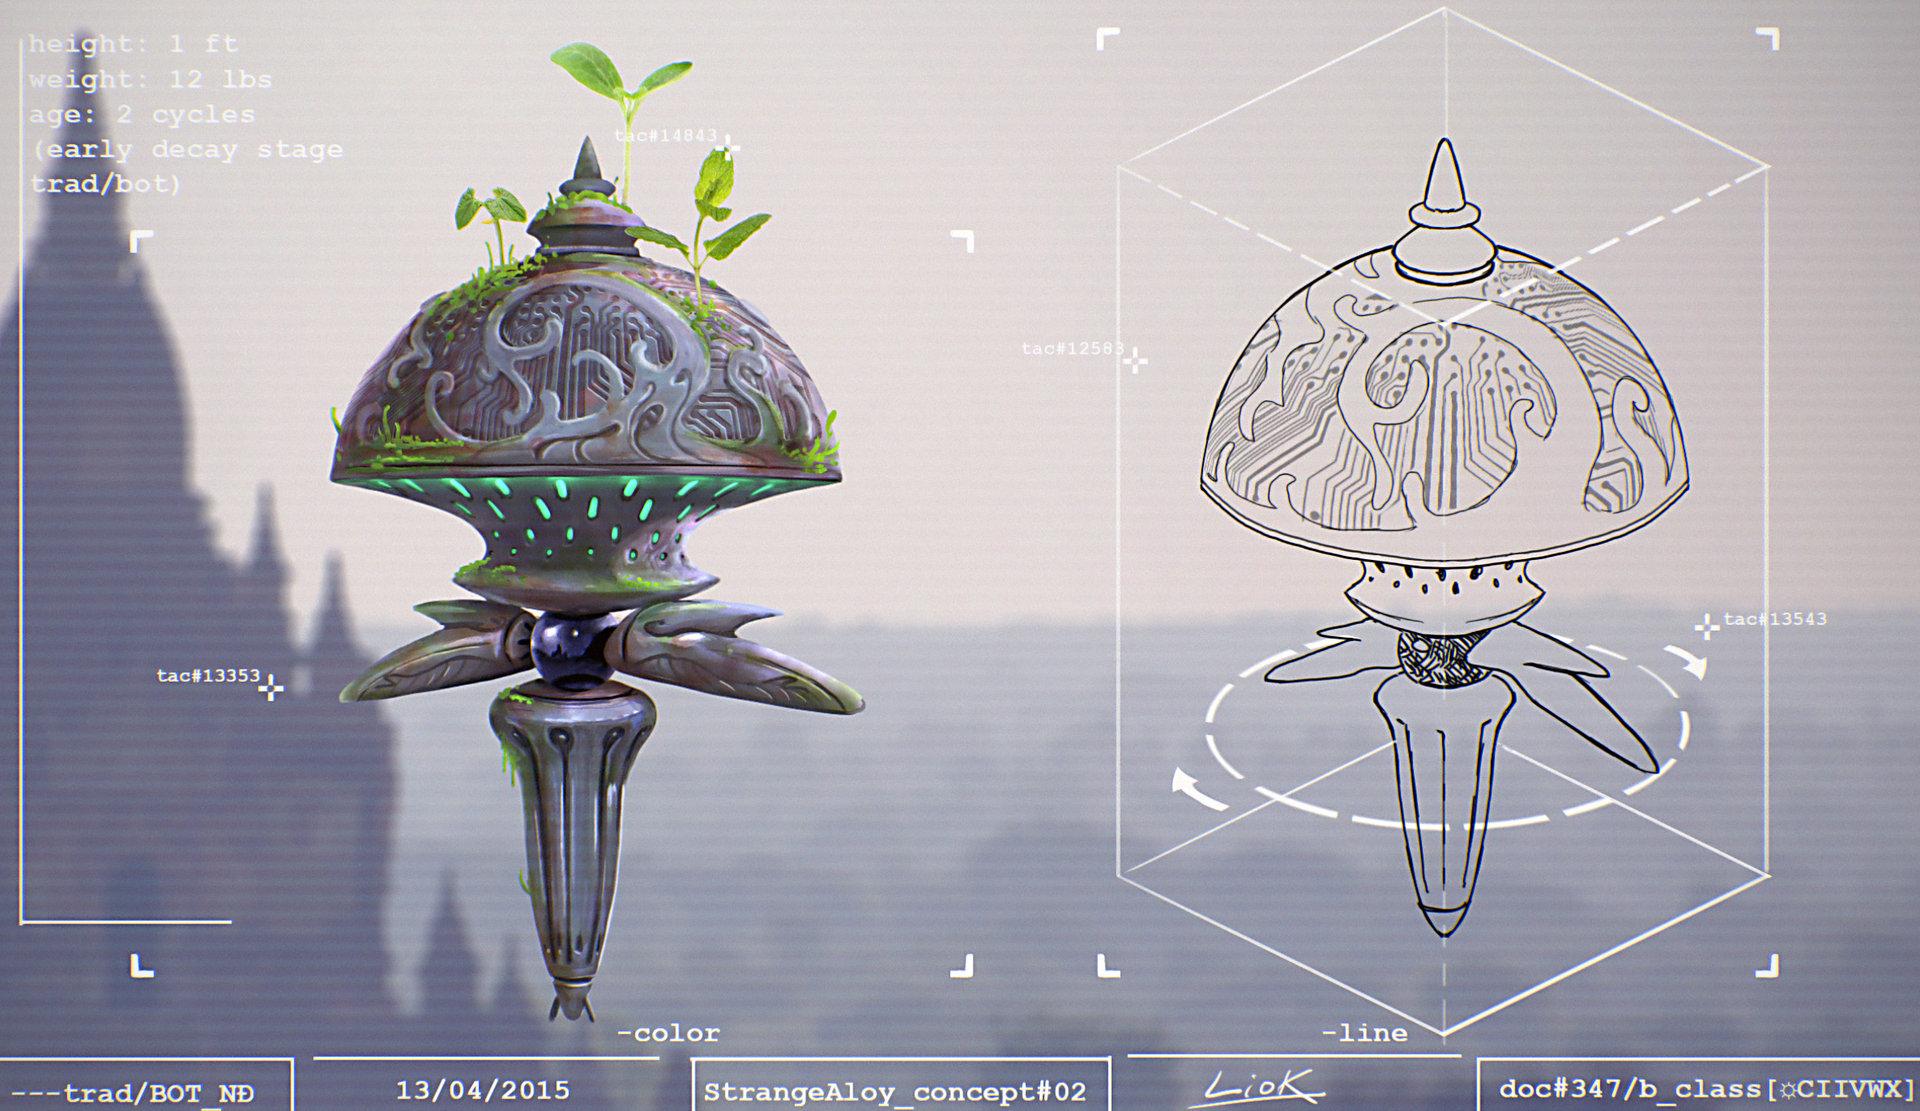 Loic bramoulle etrange alliage concept 02